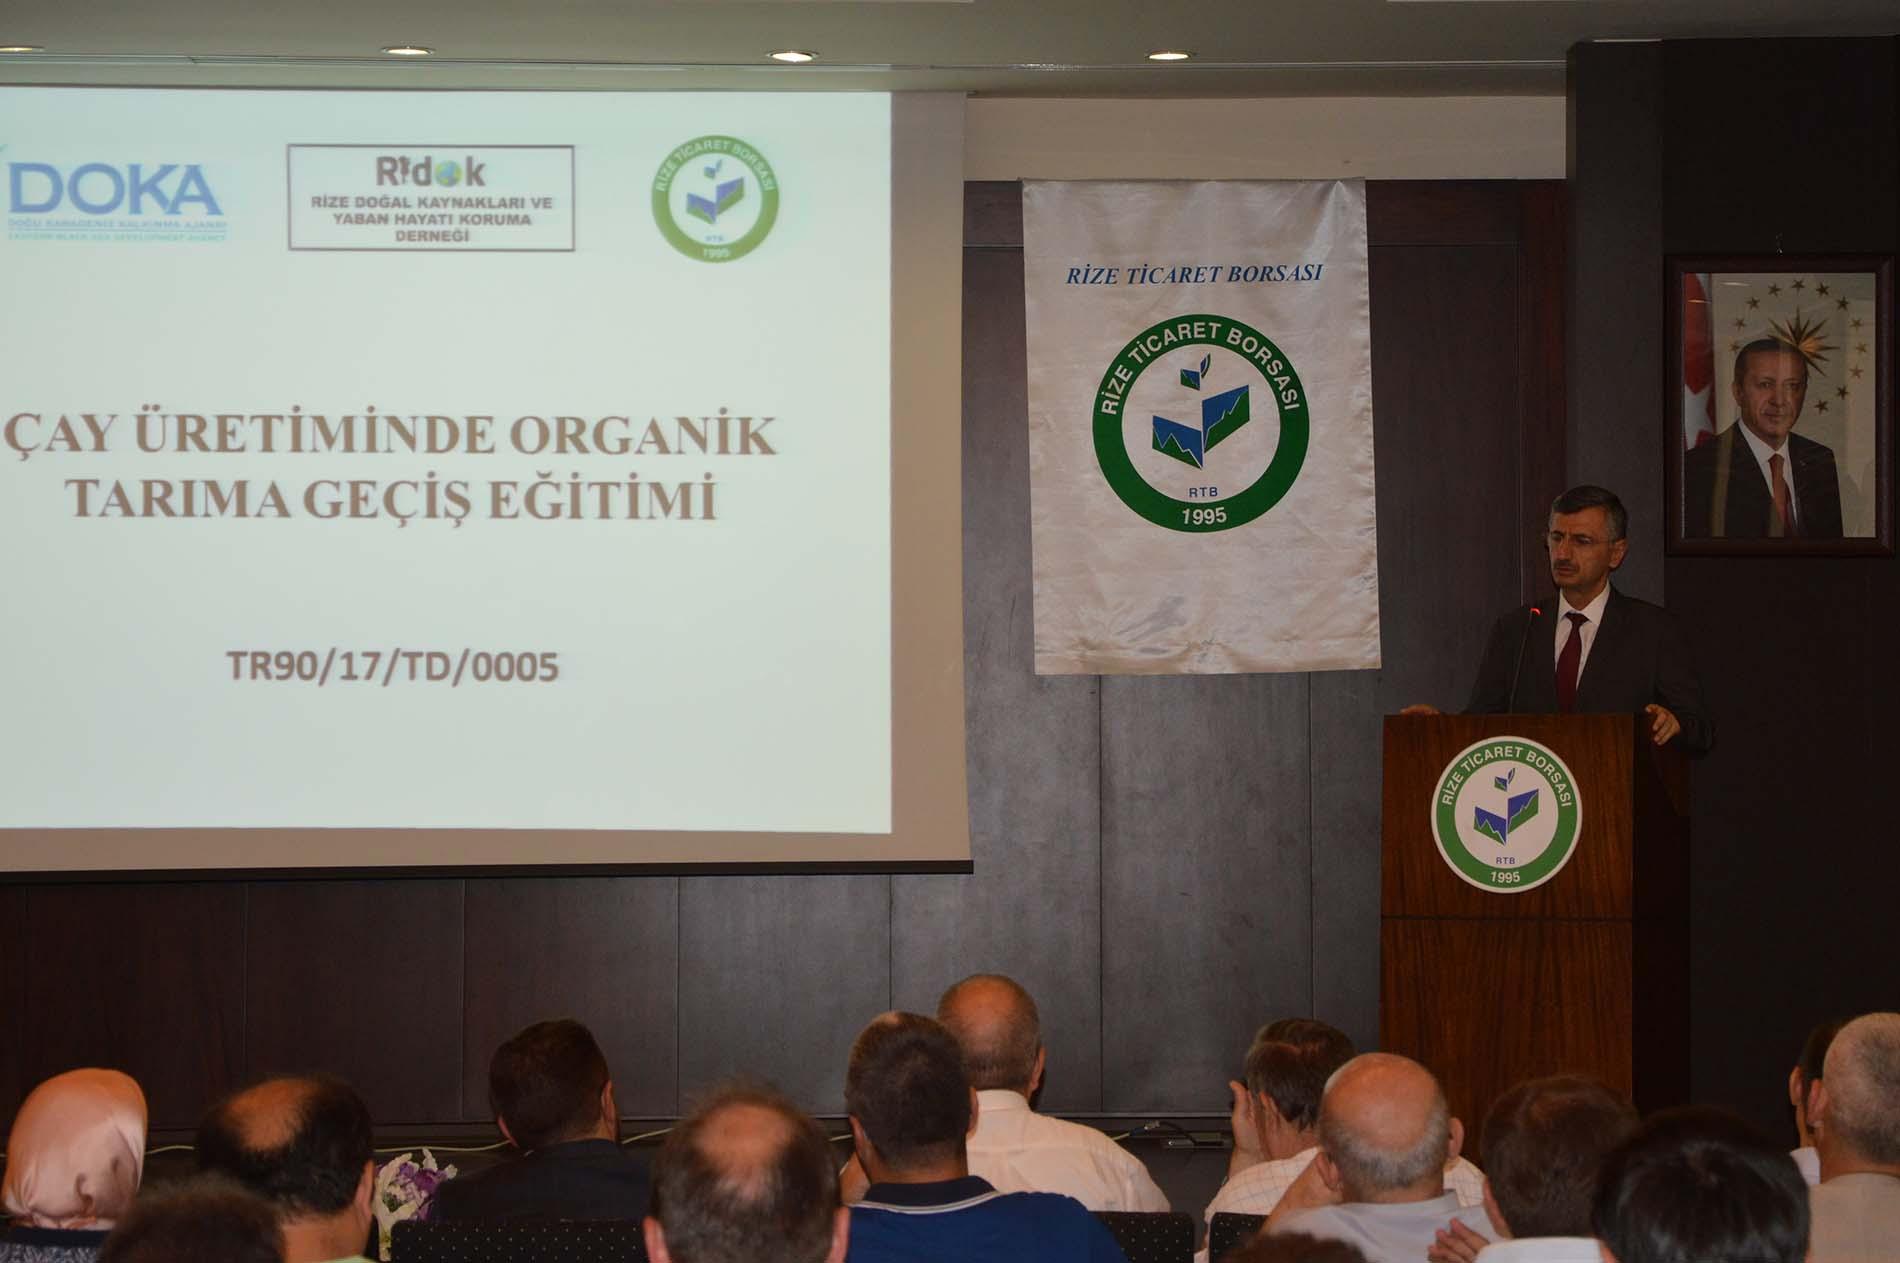 Çay Üretiminde Organik Tarıma Geçiş Eğitimi Yapılacak